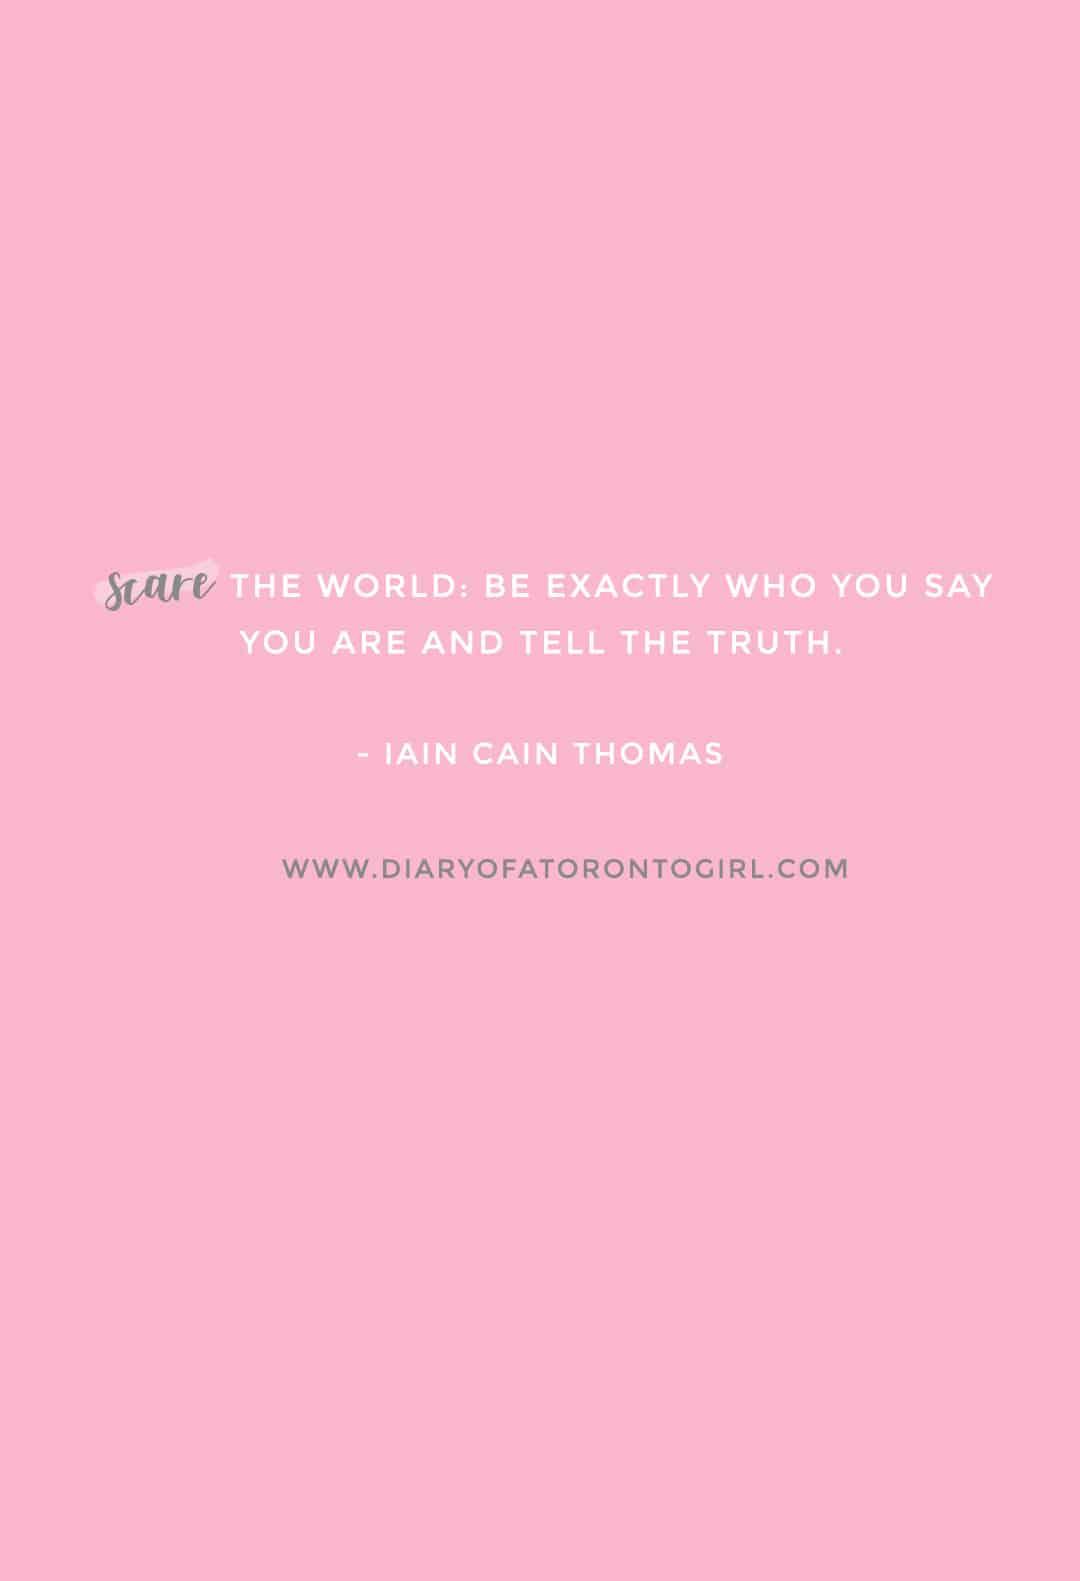 Iain Cain Thomas inspirational quote